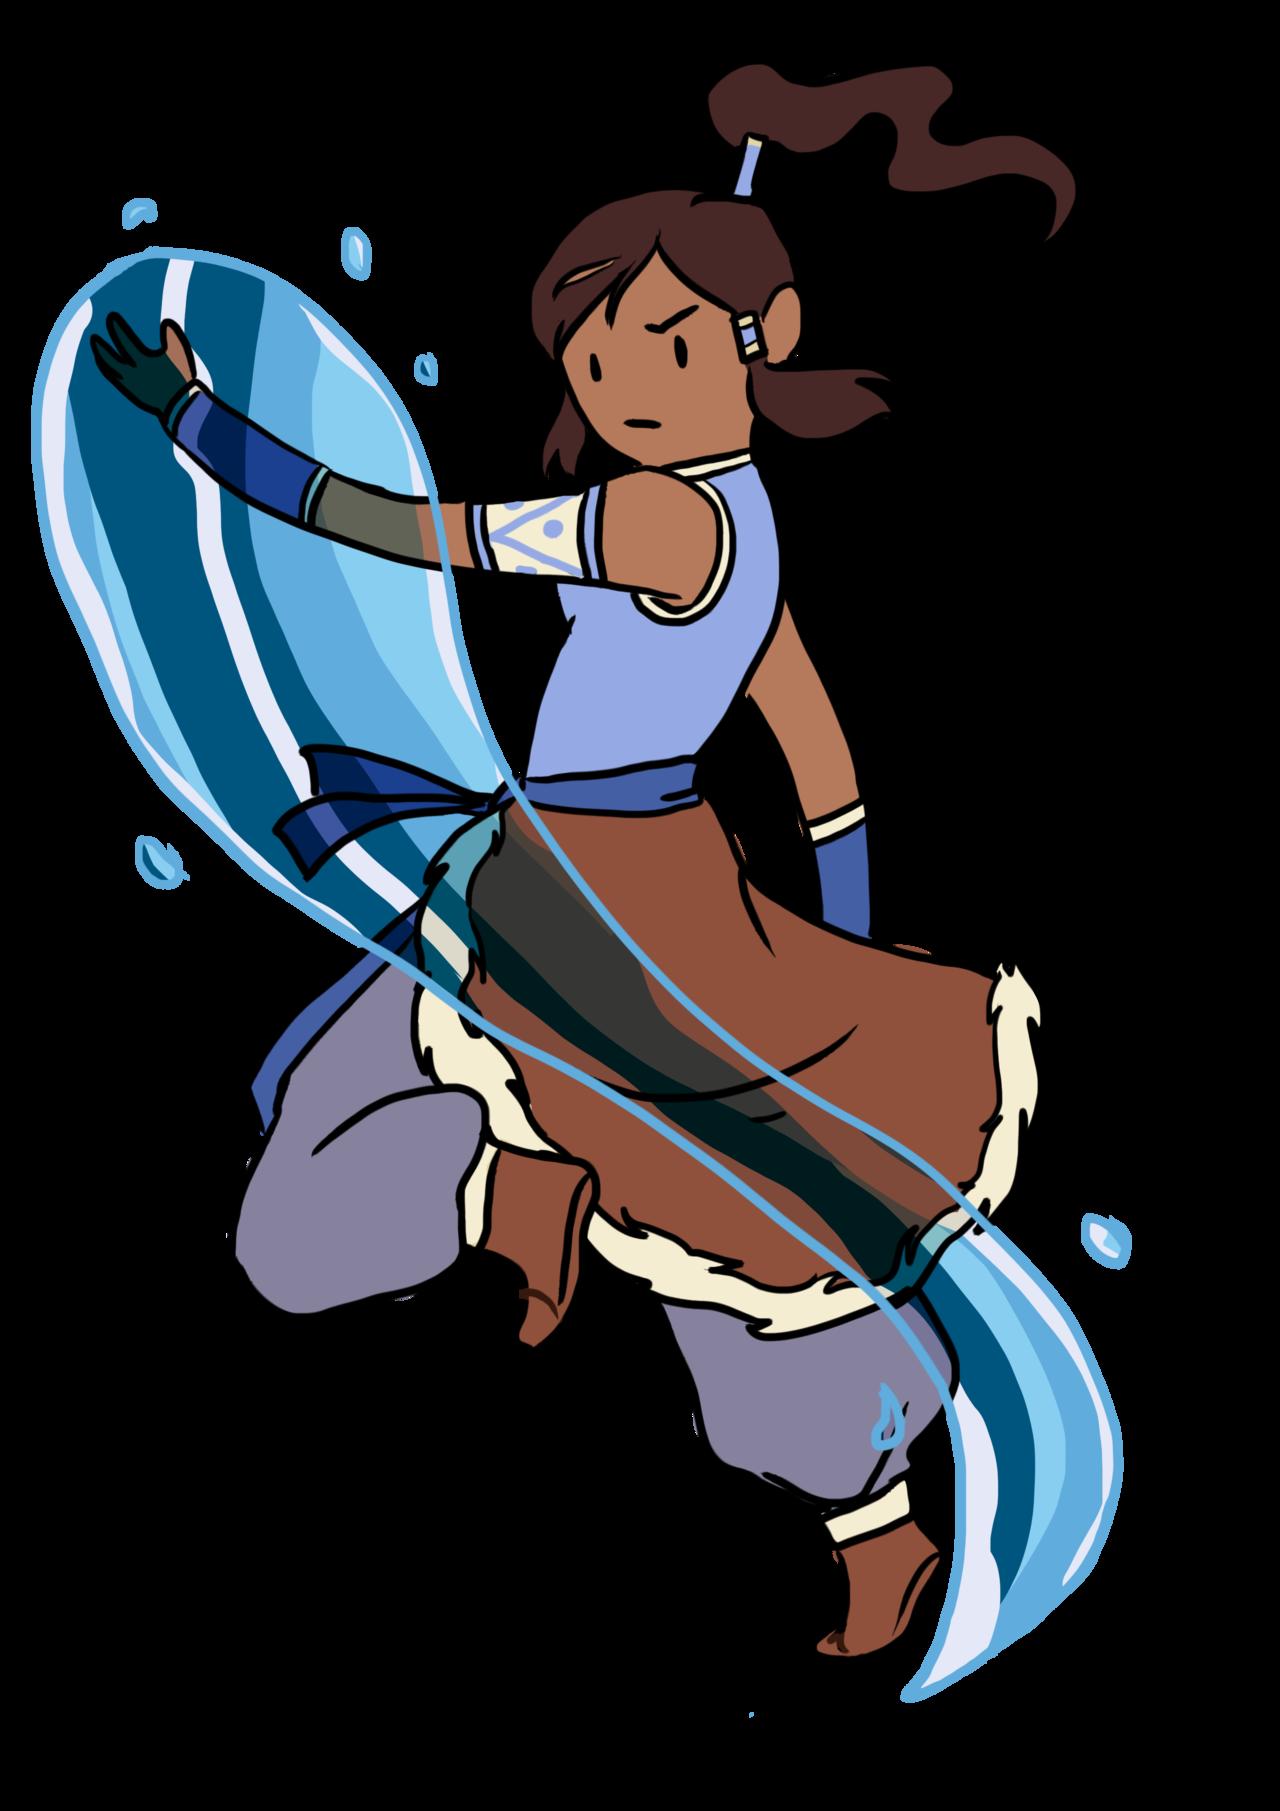 Avatar A Lenda Aang - Sokka PNG,  Avatar A Lenda Aang PNG, avatar: the legend of aang, avatar: la leyenda de aang, avatar: die legende von aang